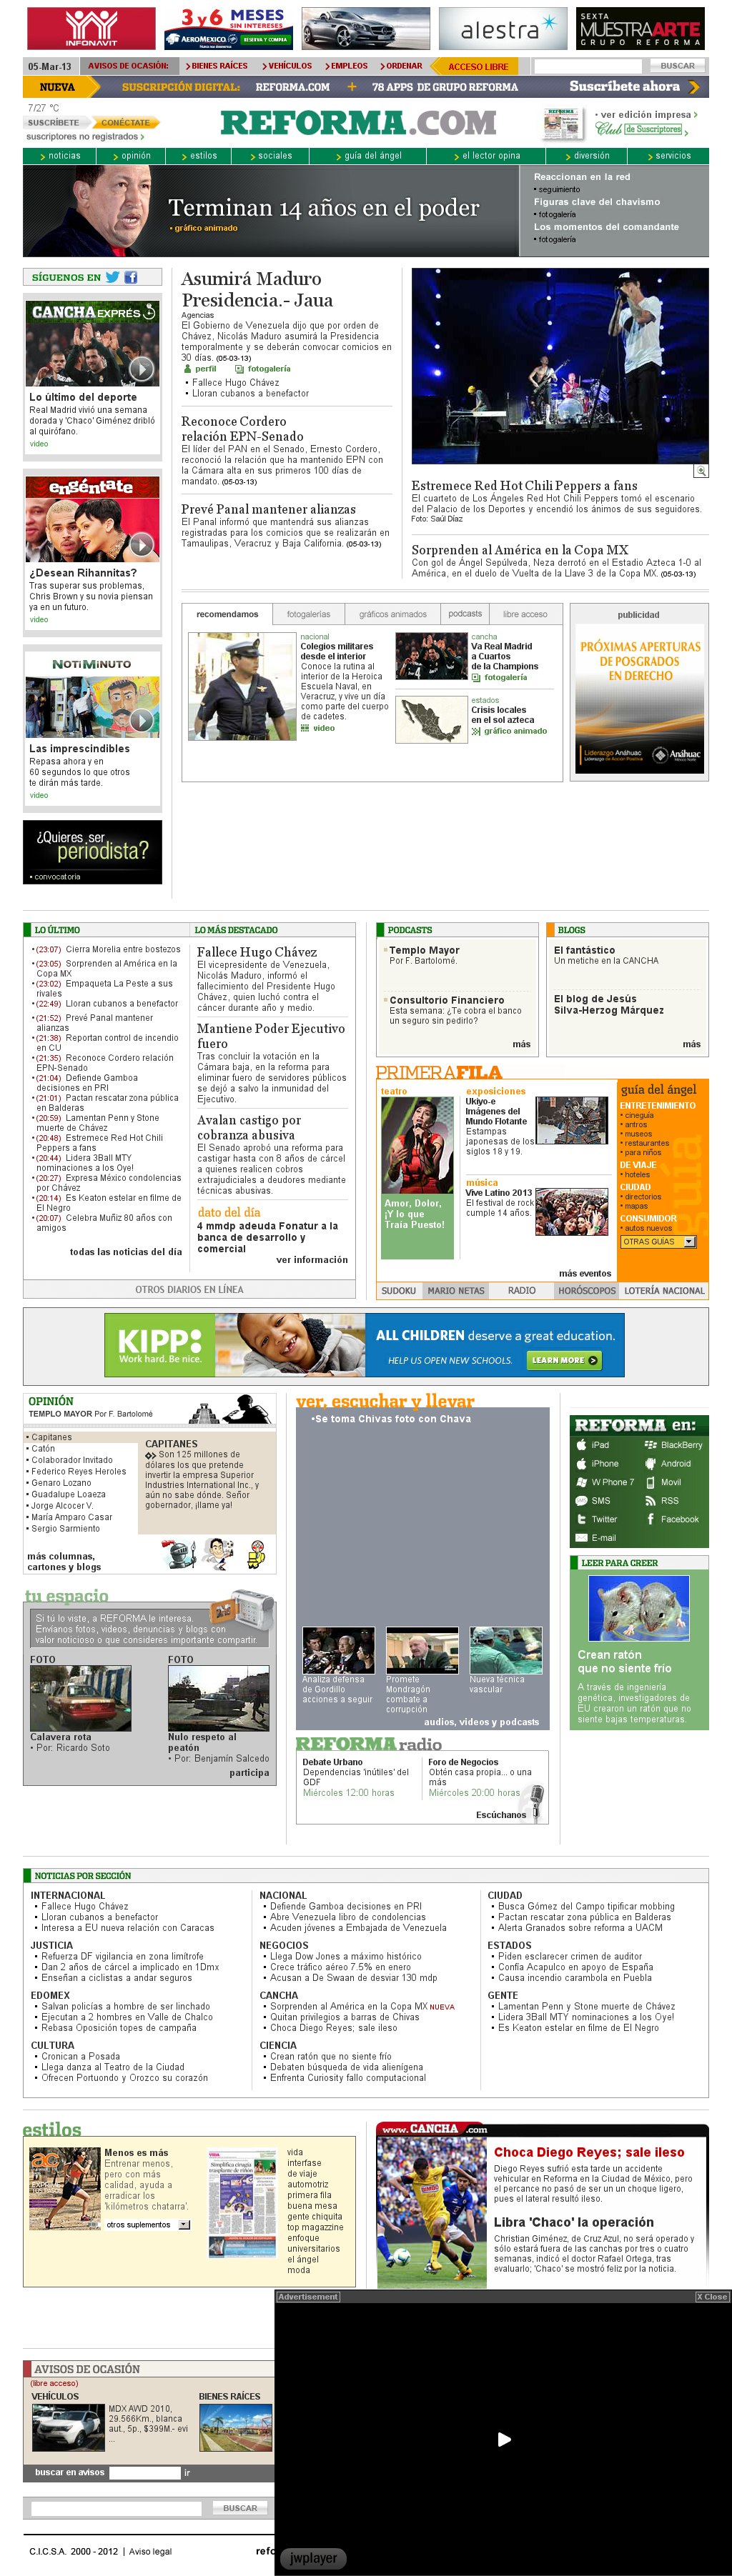 Reforma.com at Wednesday March 6, 2013, 6:17 a.m. UTC